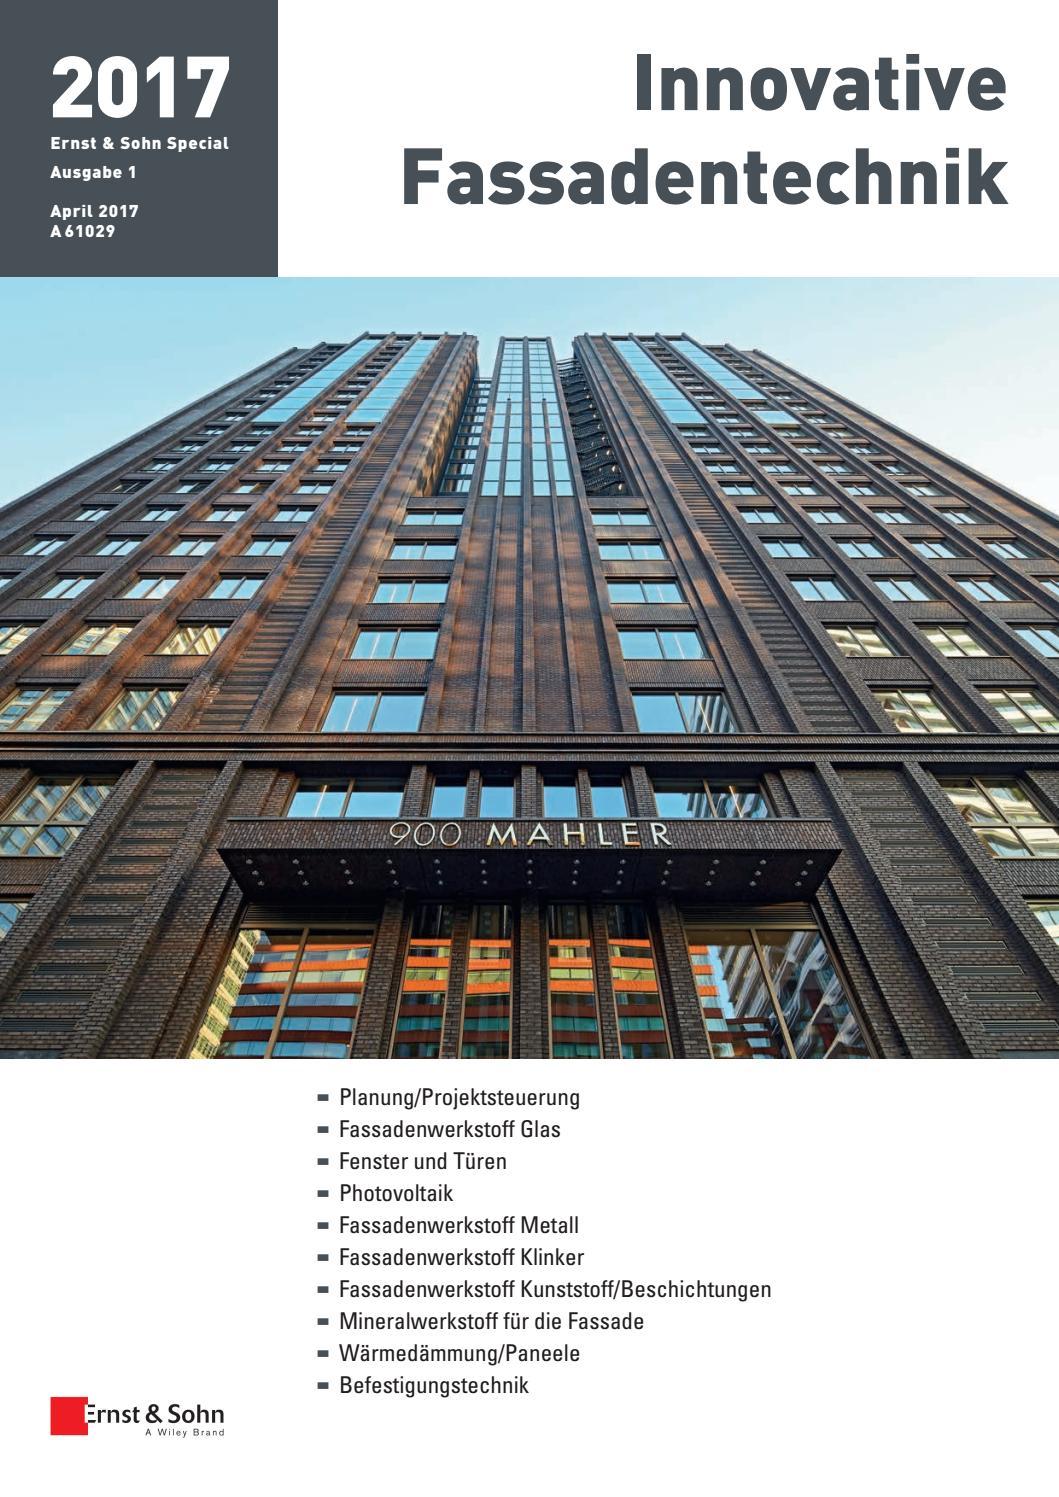 Ernst U0026 Sohn Sonderheft Innovative Fassadentechnik 1/17 By Ernst U0026 Sohn    Issuu